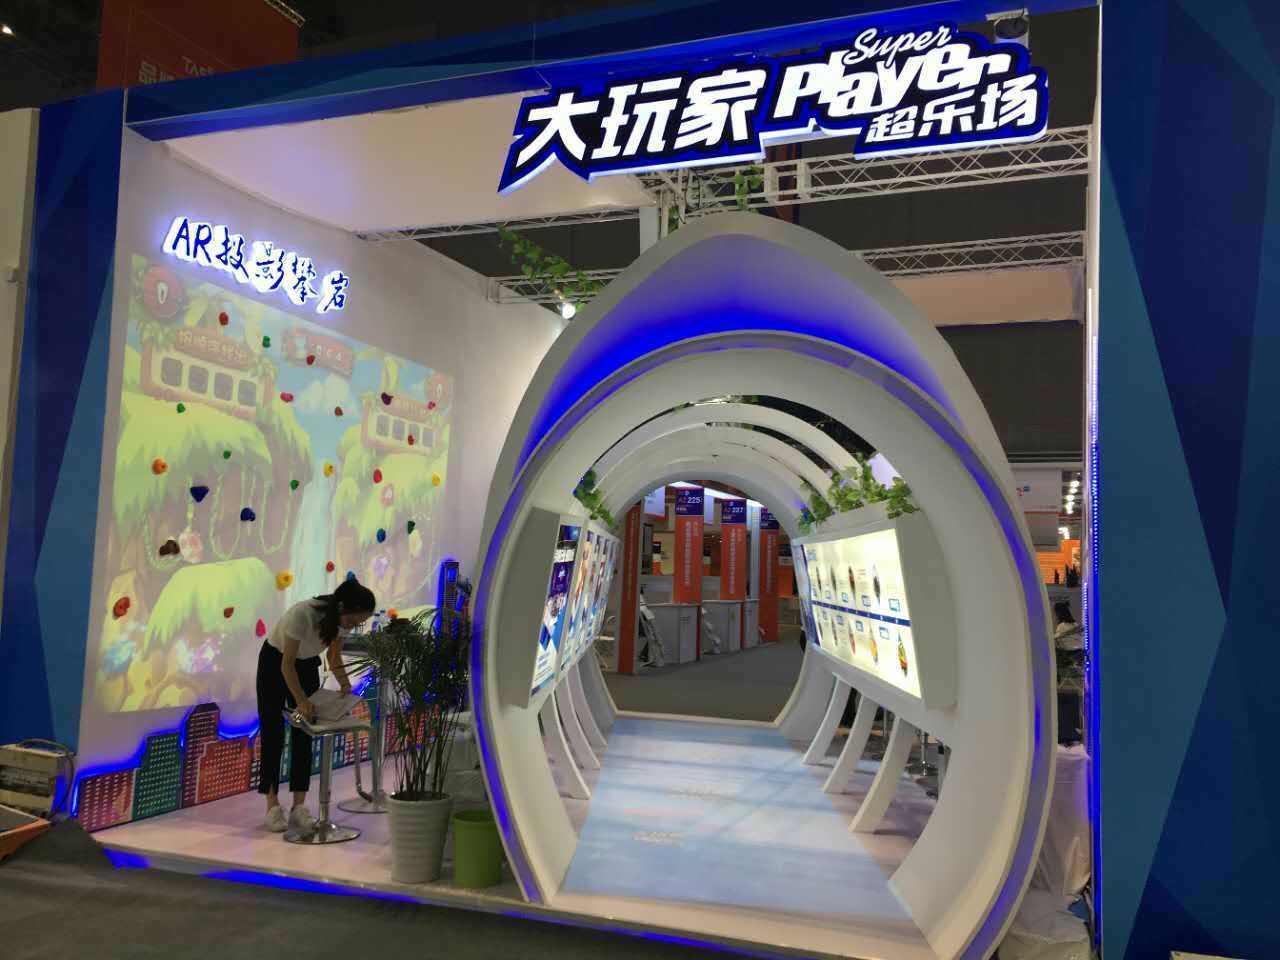 大玩家超乐场亮相2017上海国际商业年会_线下娱乐场景价值迸发